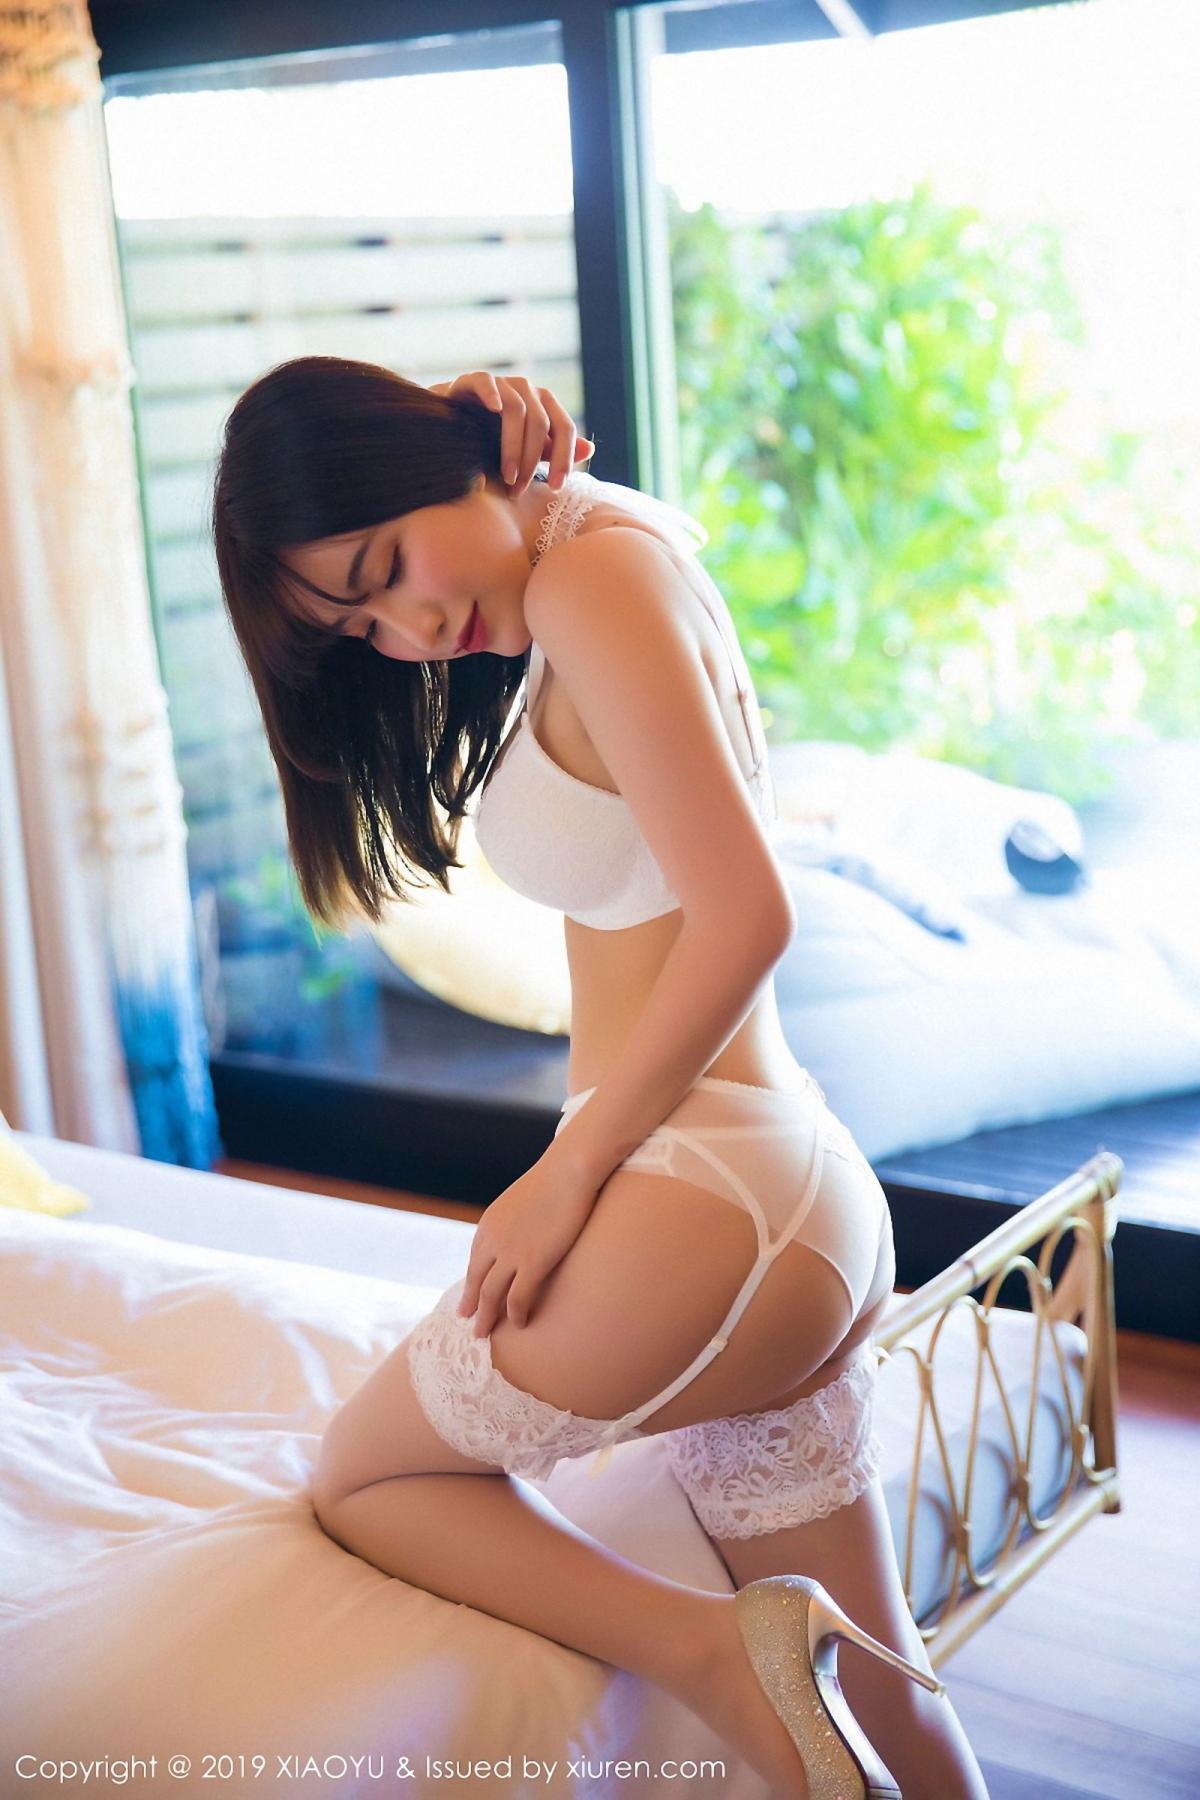 [XiaoYu] Vol.027 Xie Zhi Xin 34P, Bathroom, Underwear, XiaoYu, Xie Zhi Xin